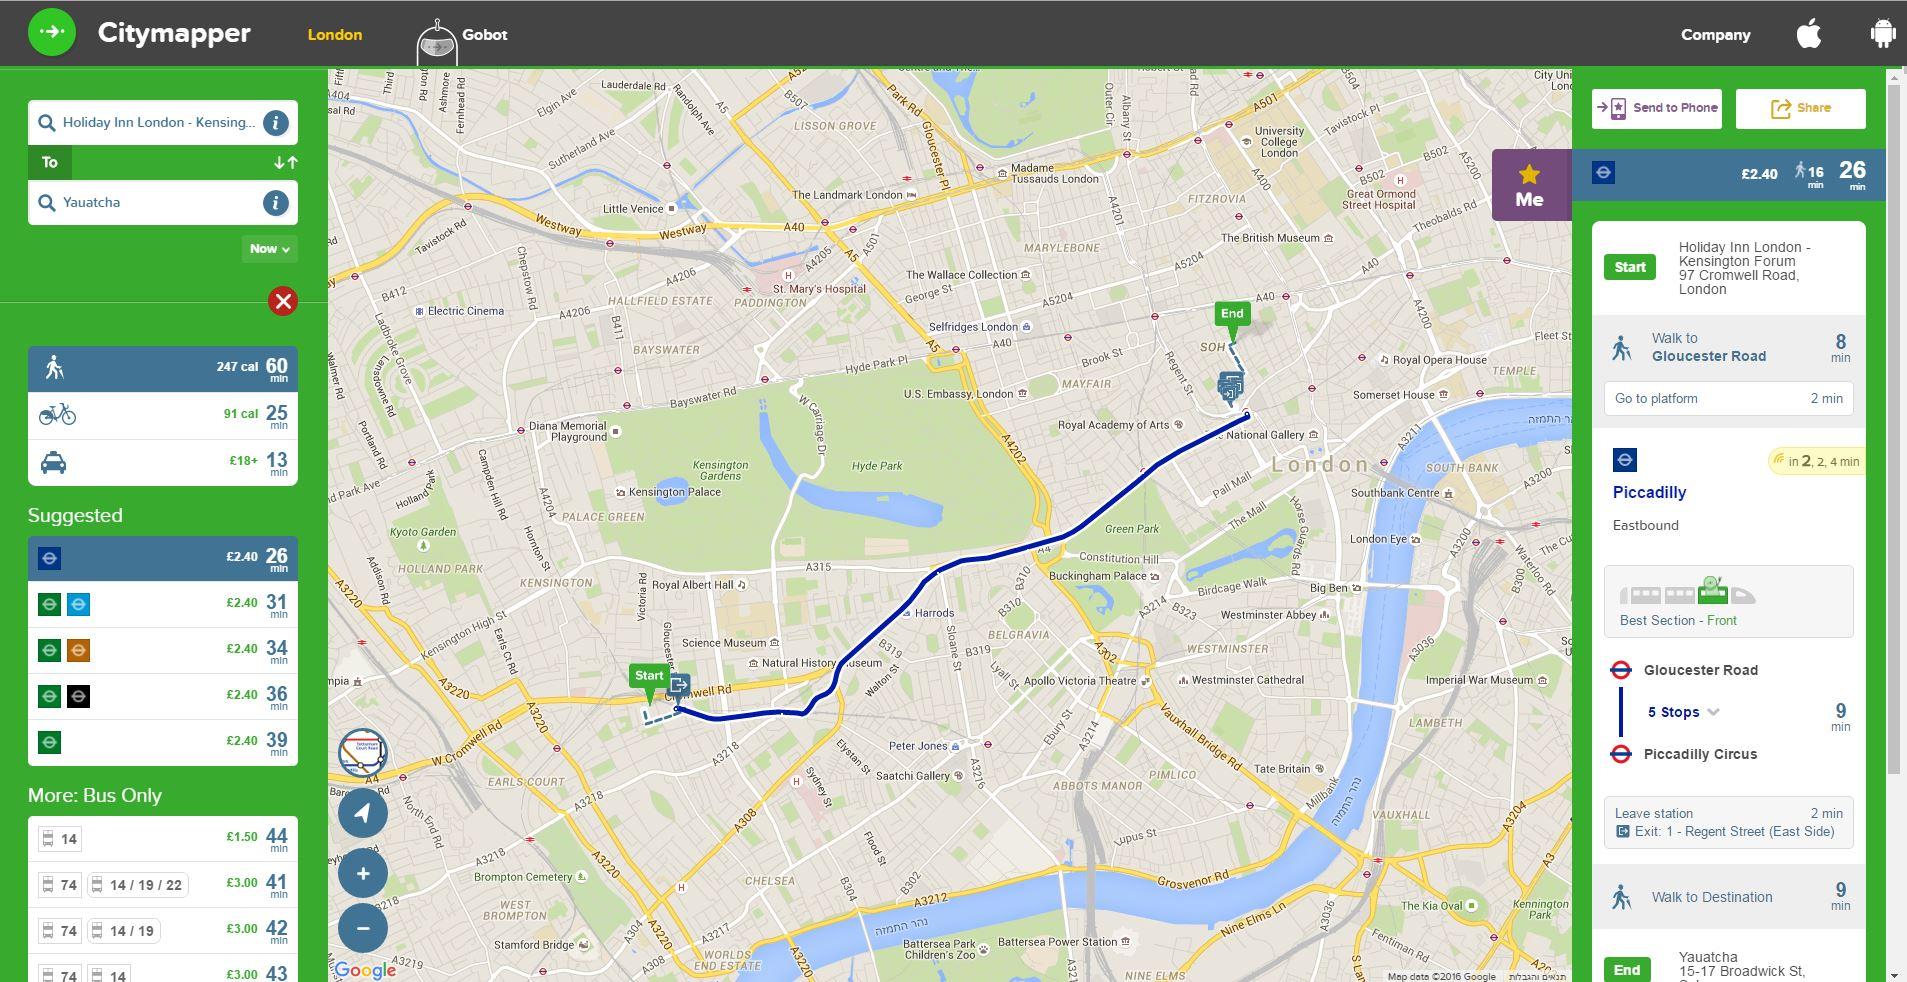 איך להגיע מהמלון למסעדה מומלצת, כל הדרכים. citymapper